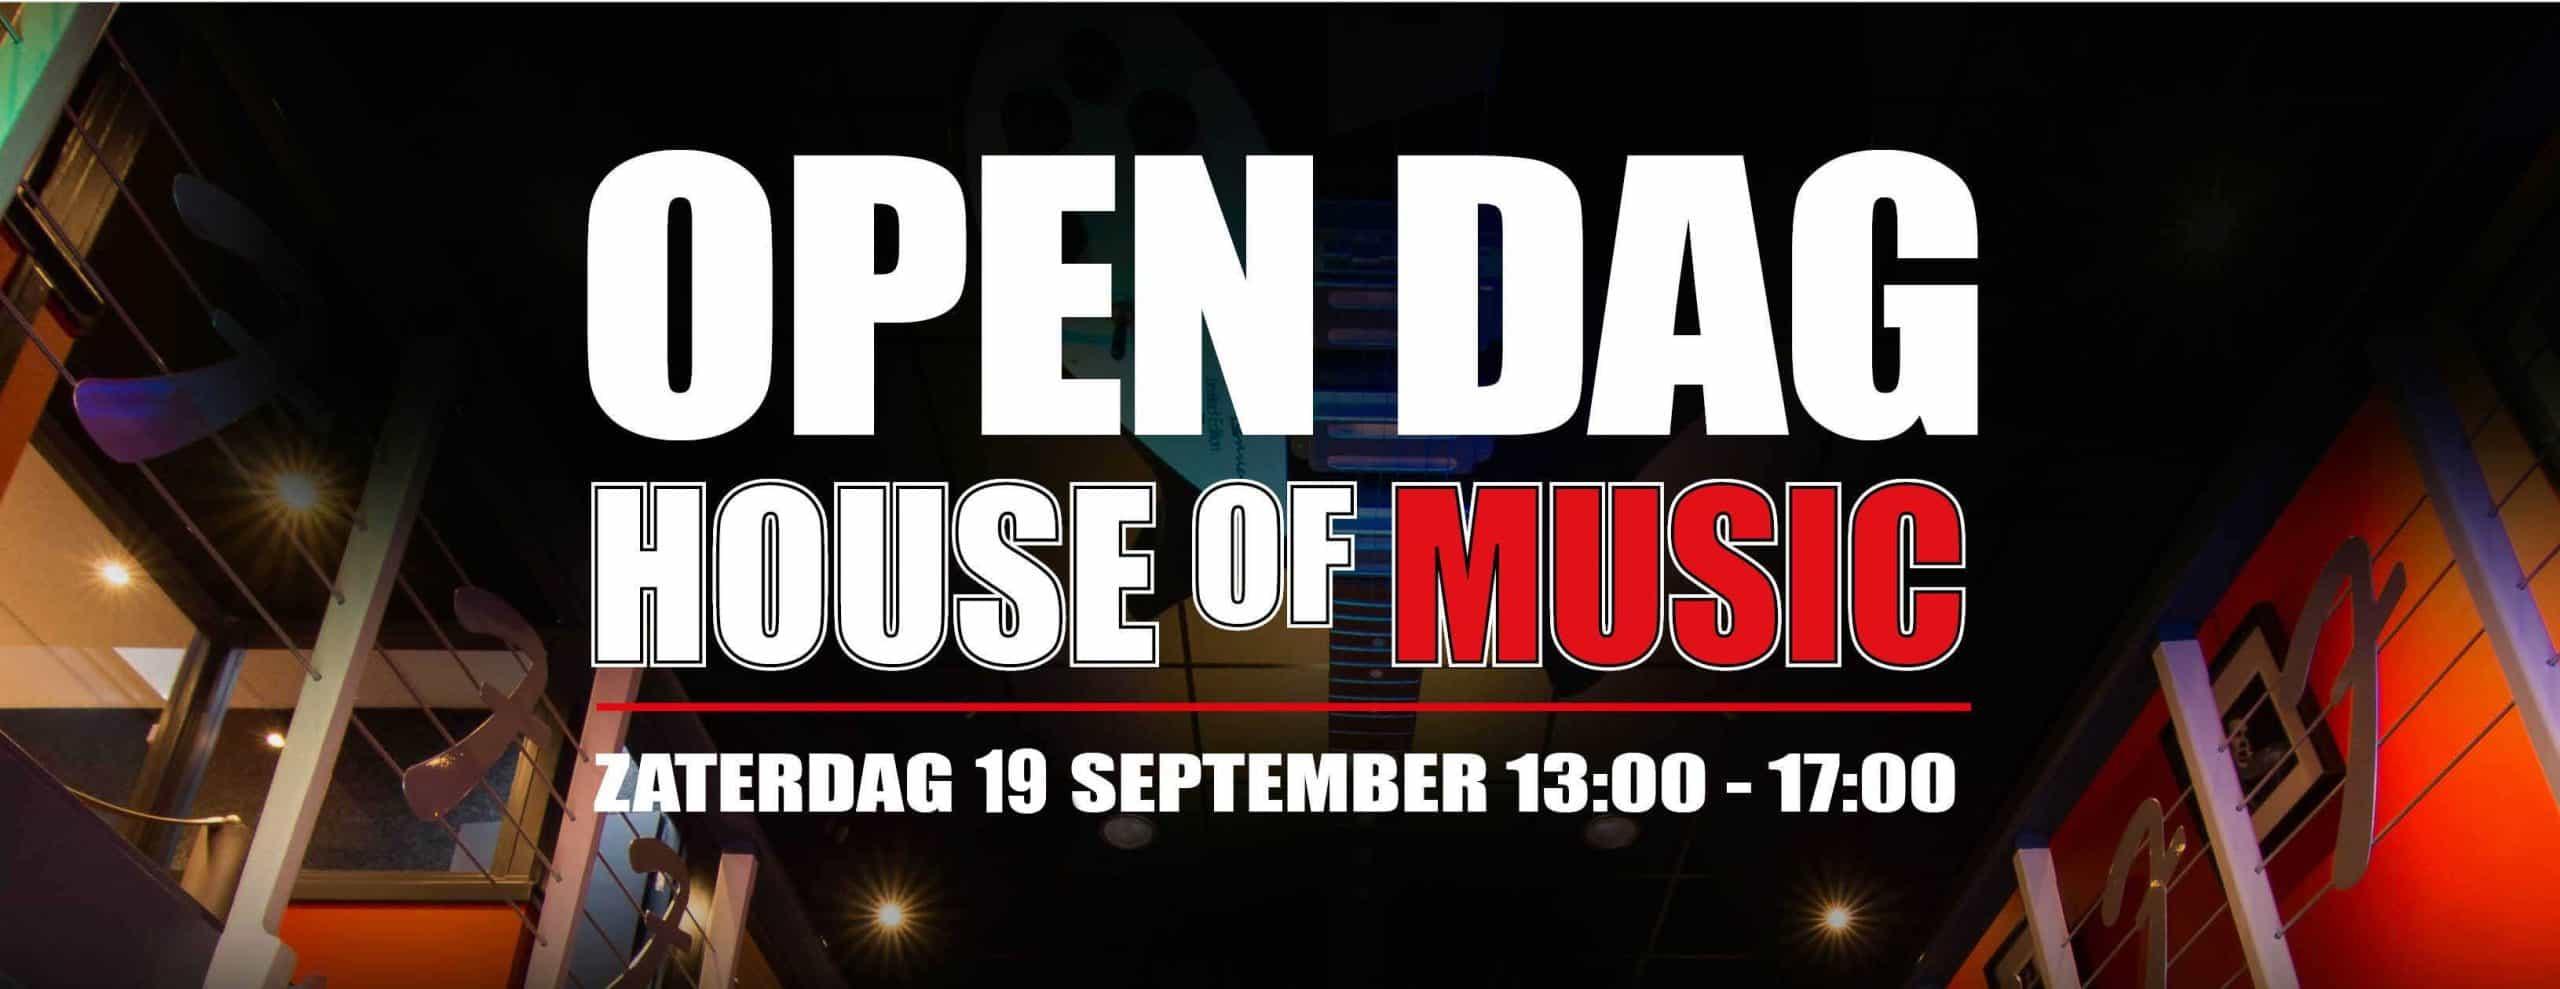 Open dag 2020